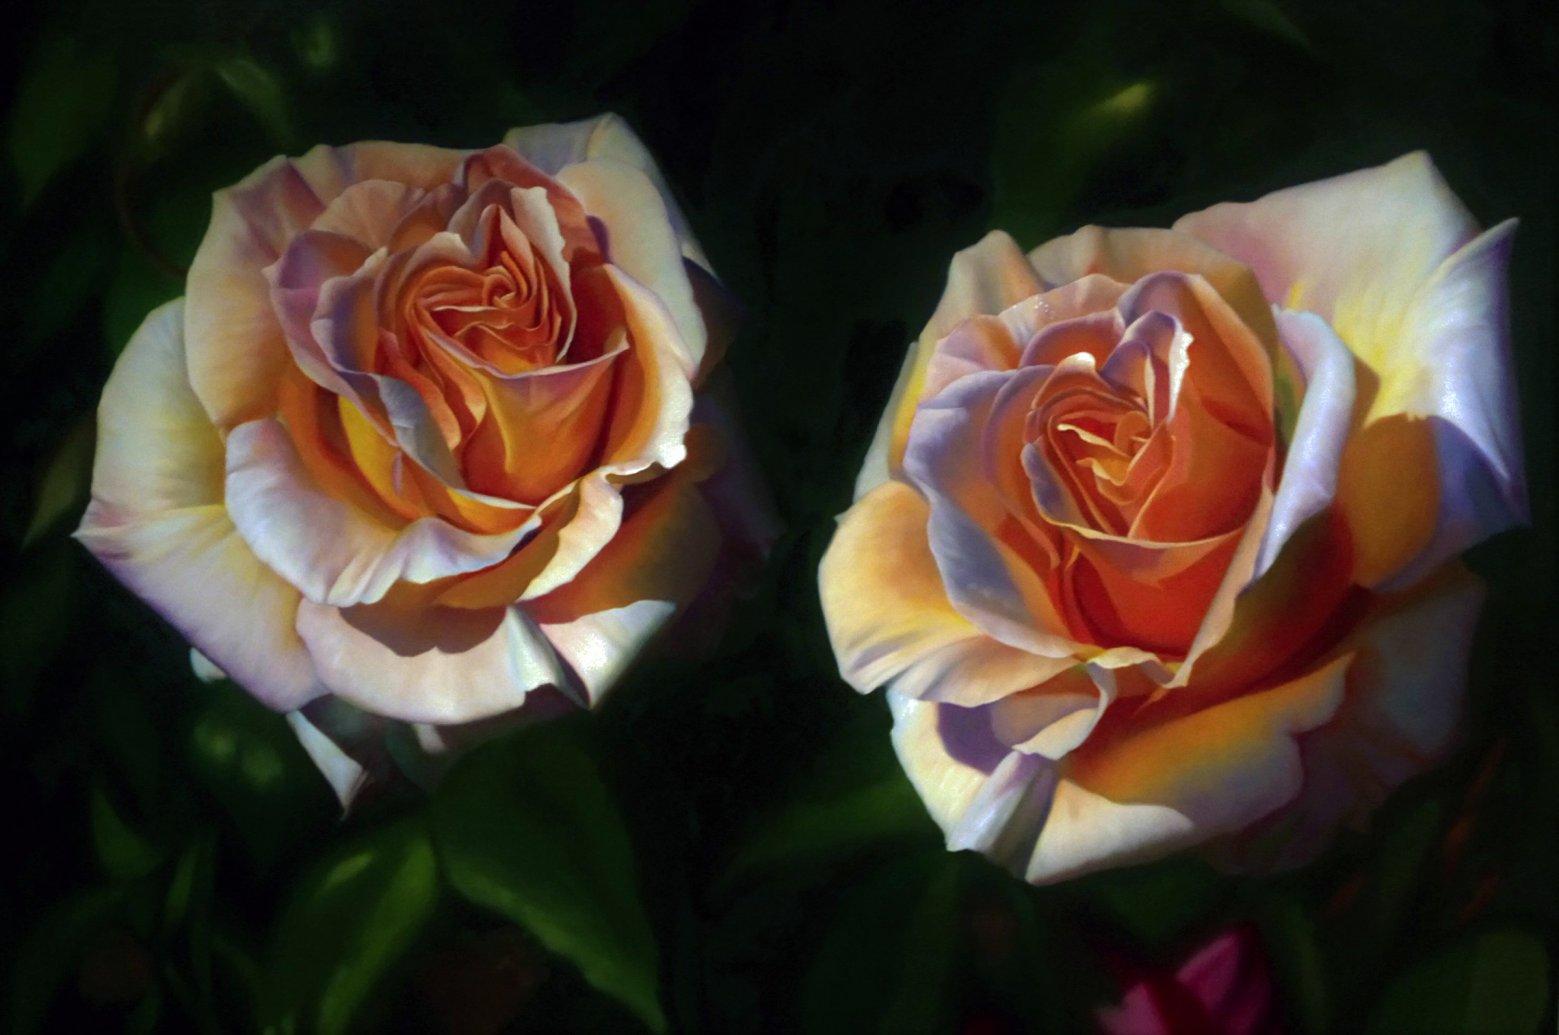 Rosas de mi jardín I (2019) - Enrique Donoso